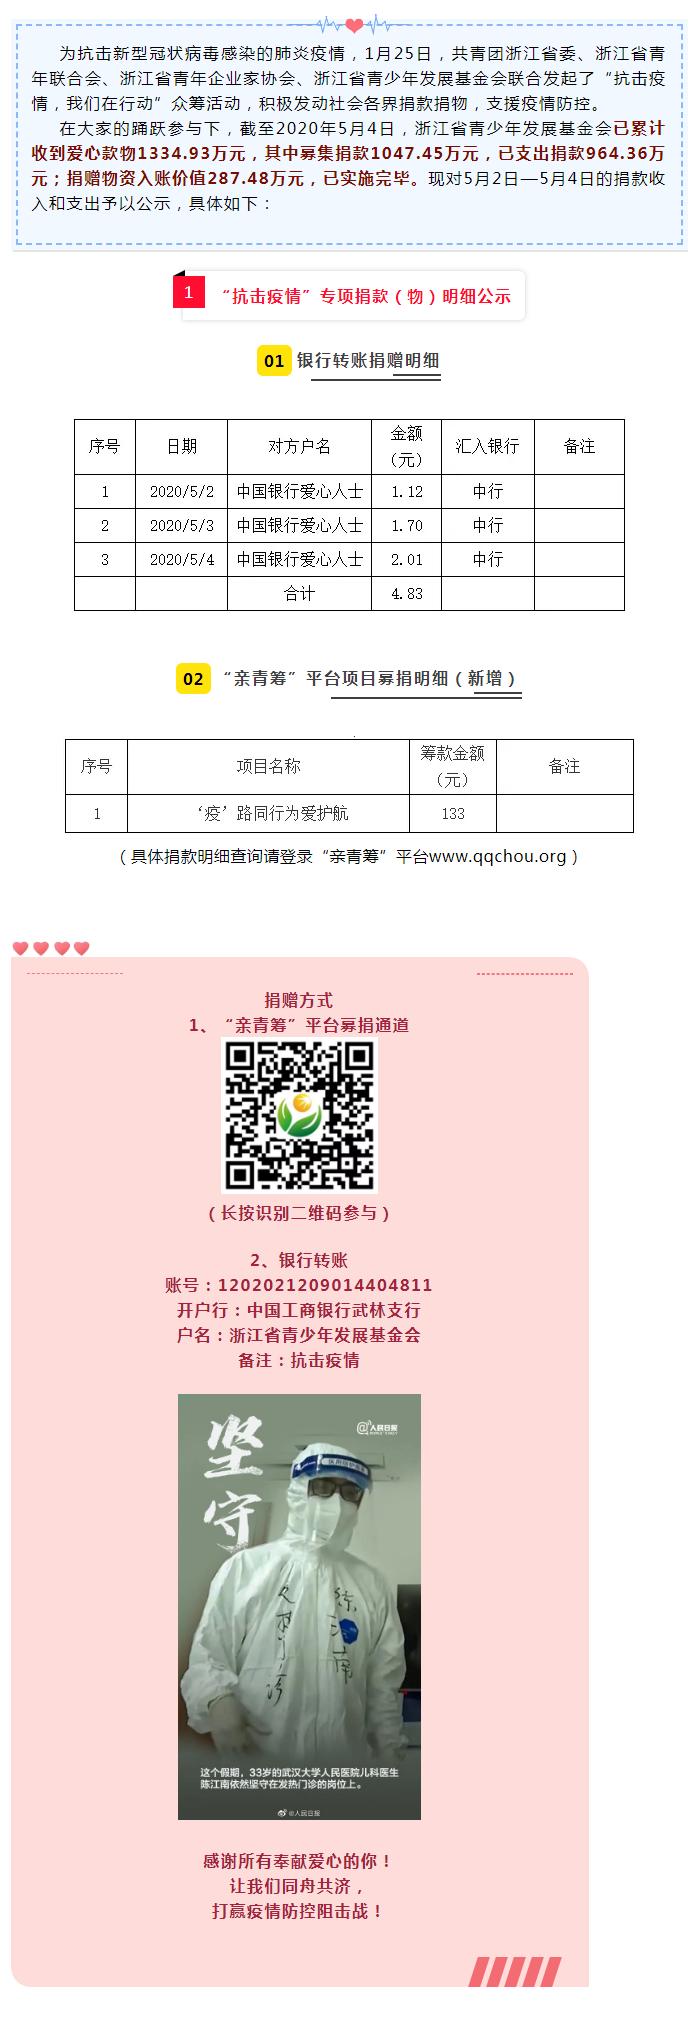 """浙江省青基会""""抗击疫情,我们在行动""""专项募捐情况公示(5月2日至5月4日).png"""